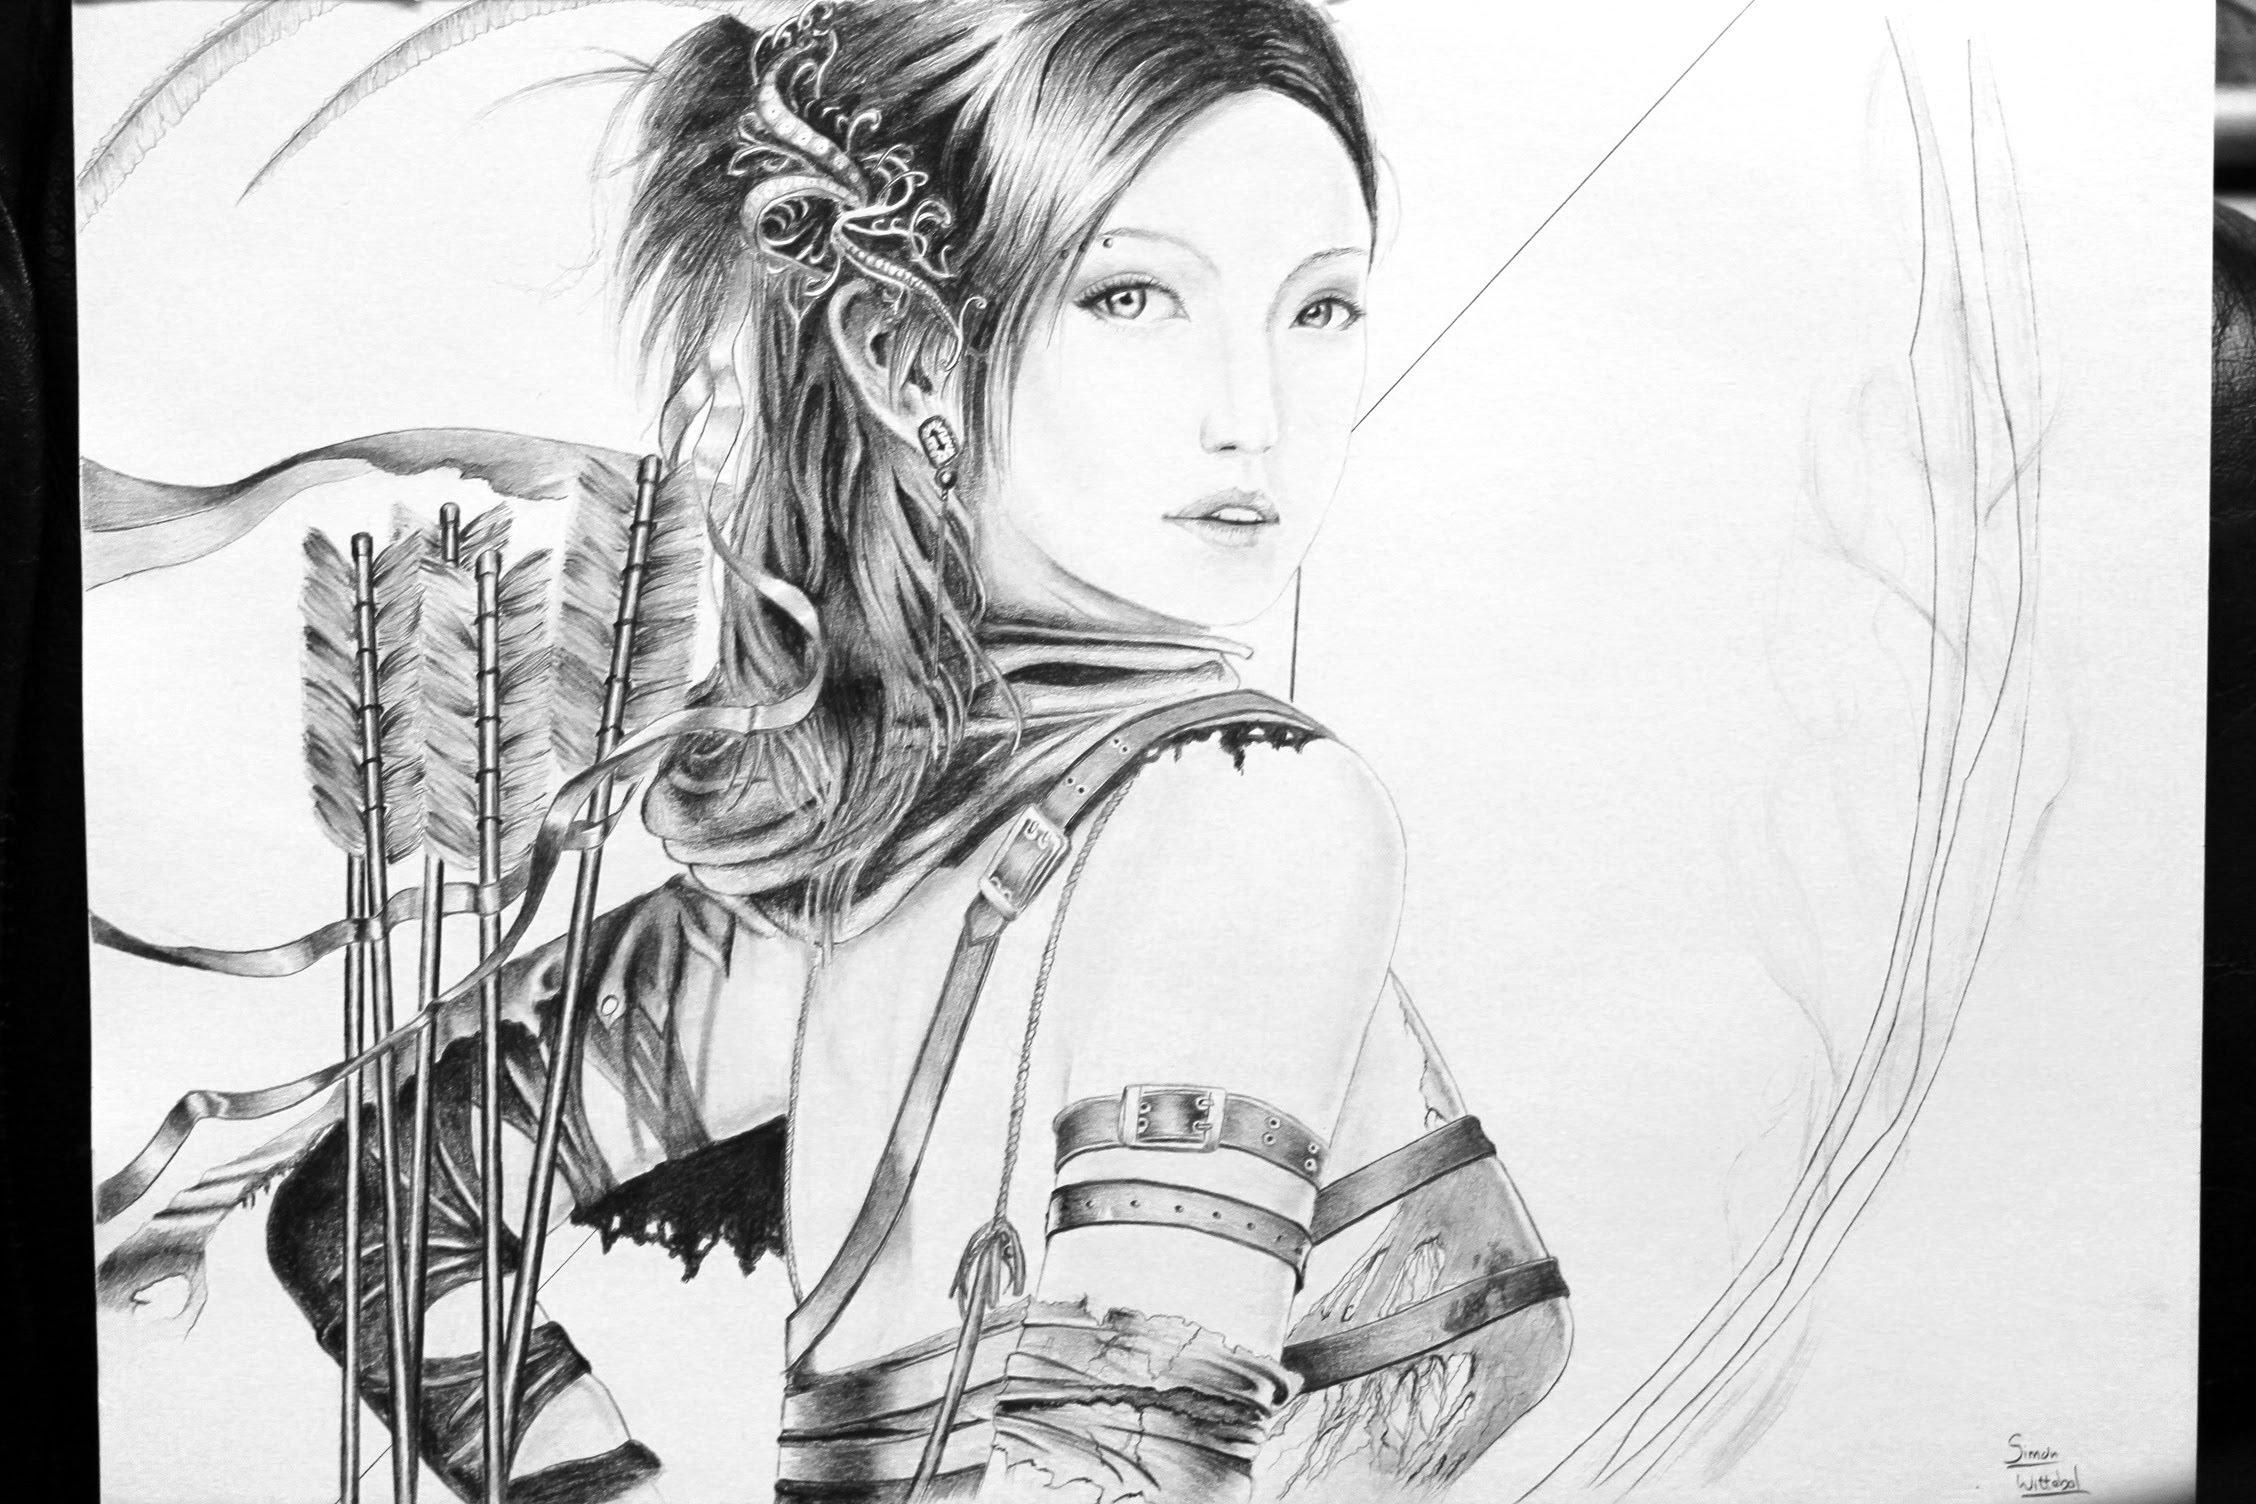 Drawn warrior female archer  archer Fantasy drawing YouTube